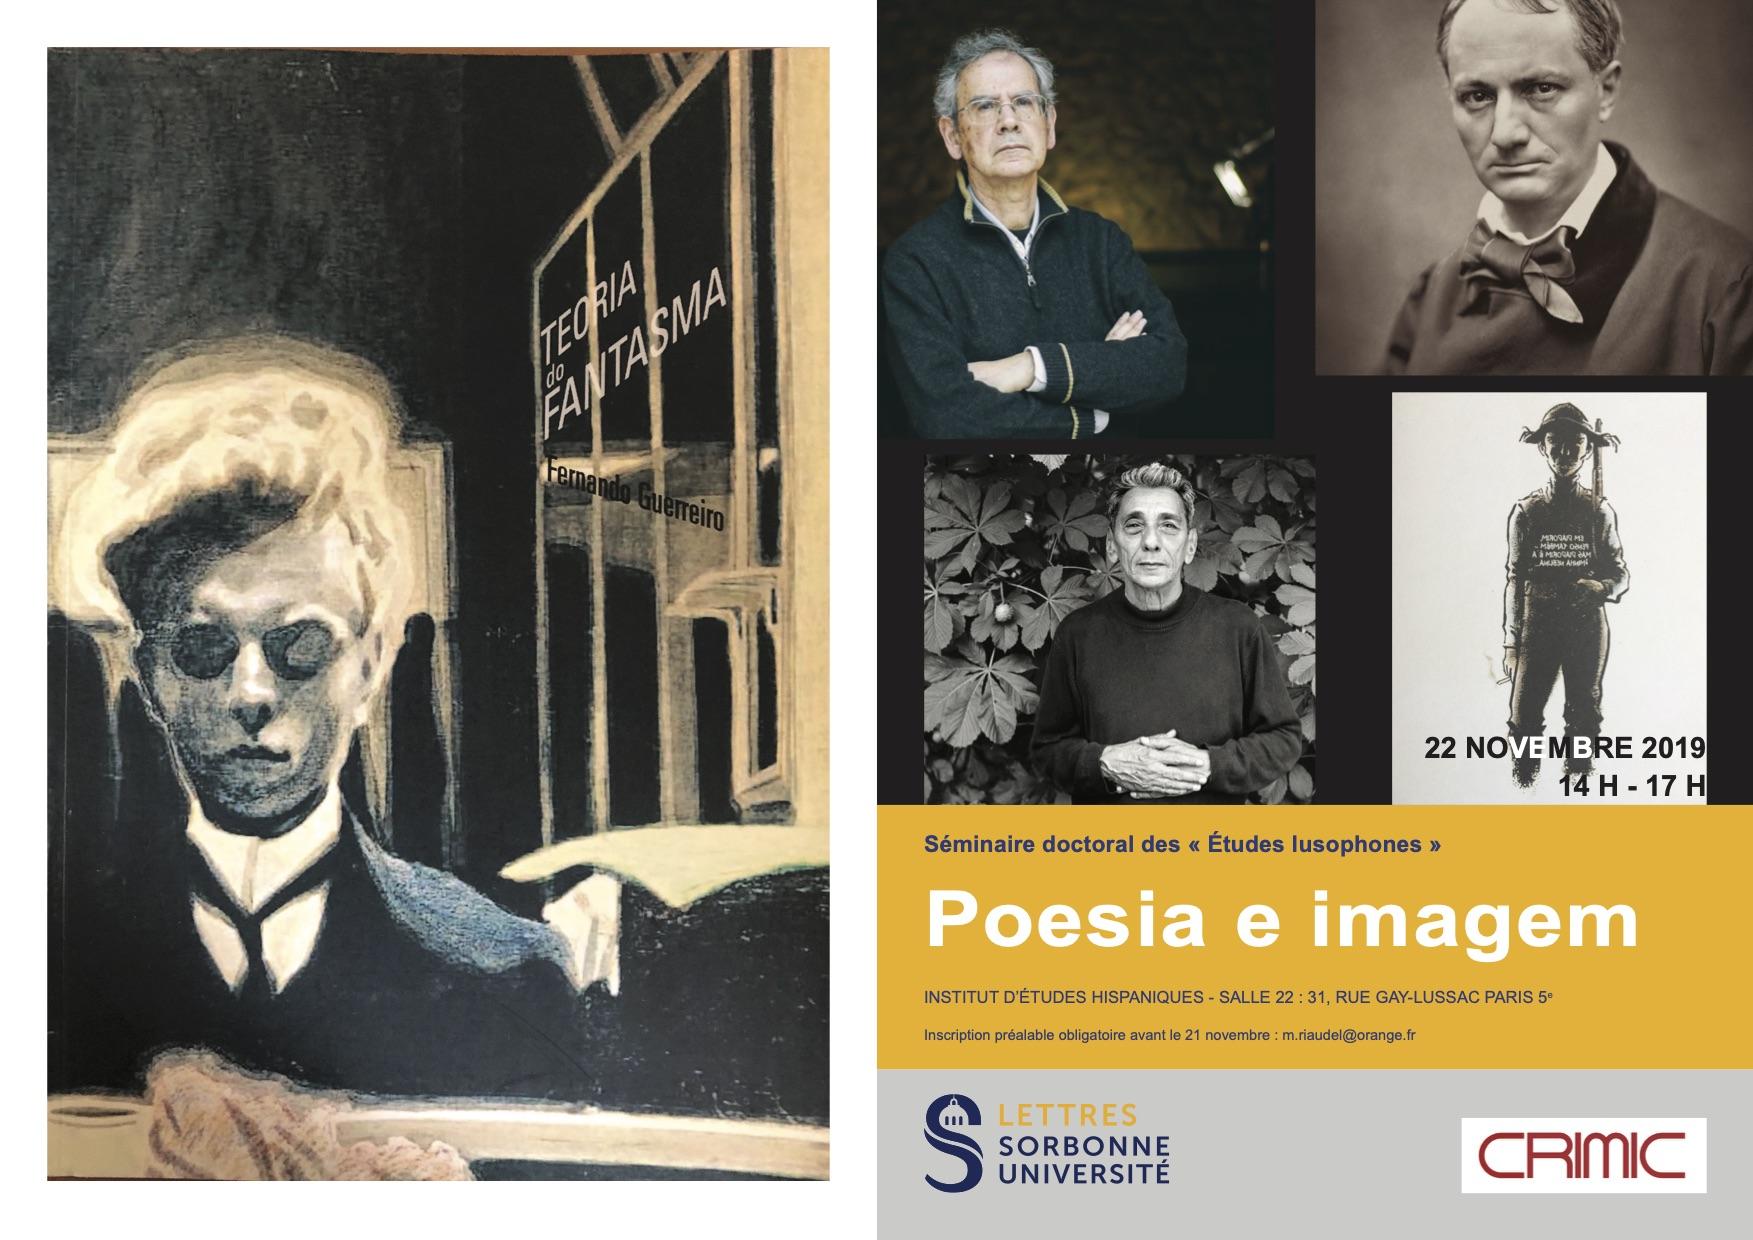 Poesia e imagem